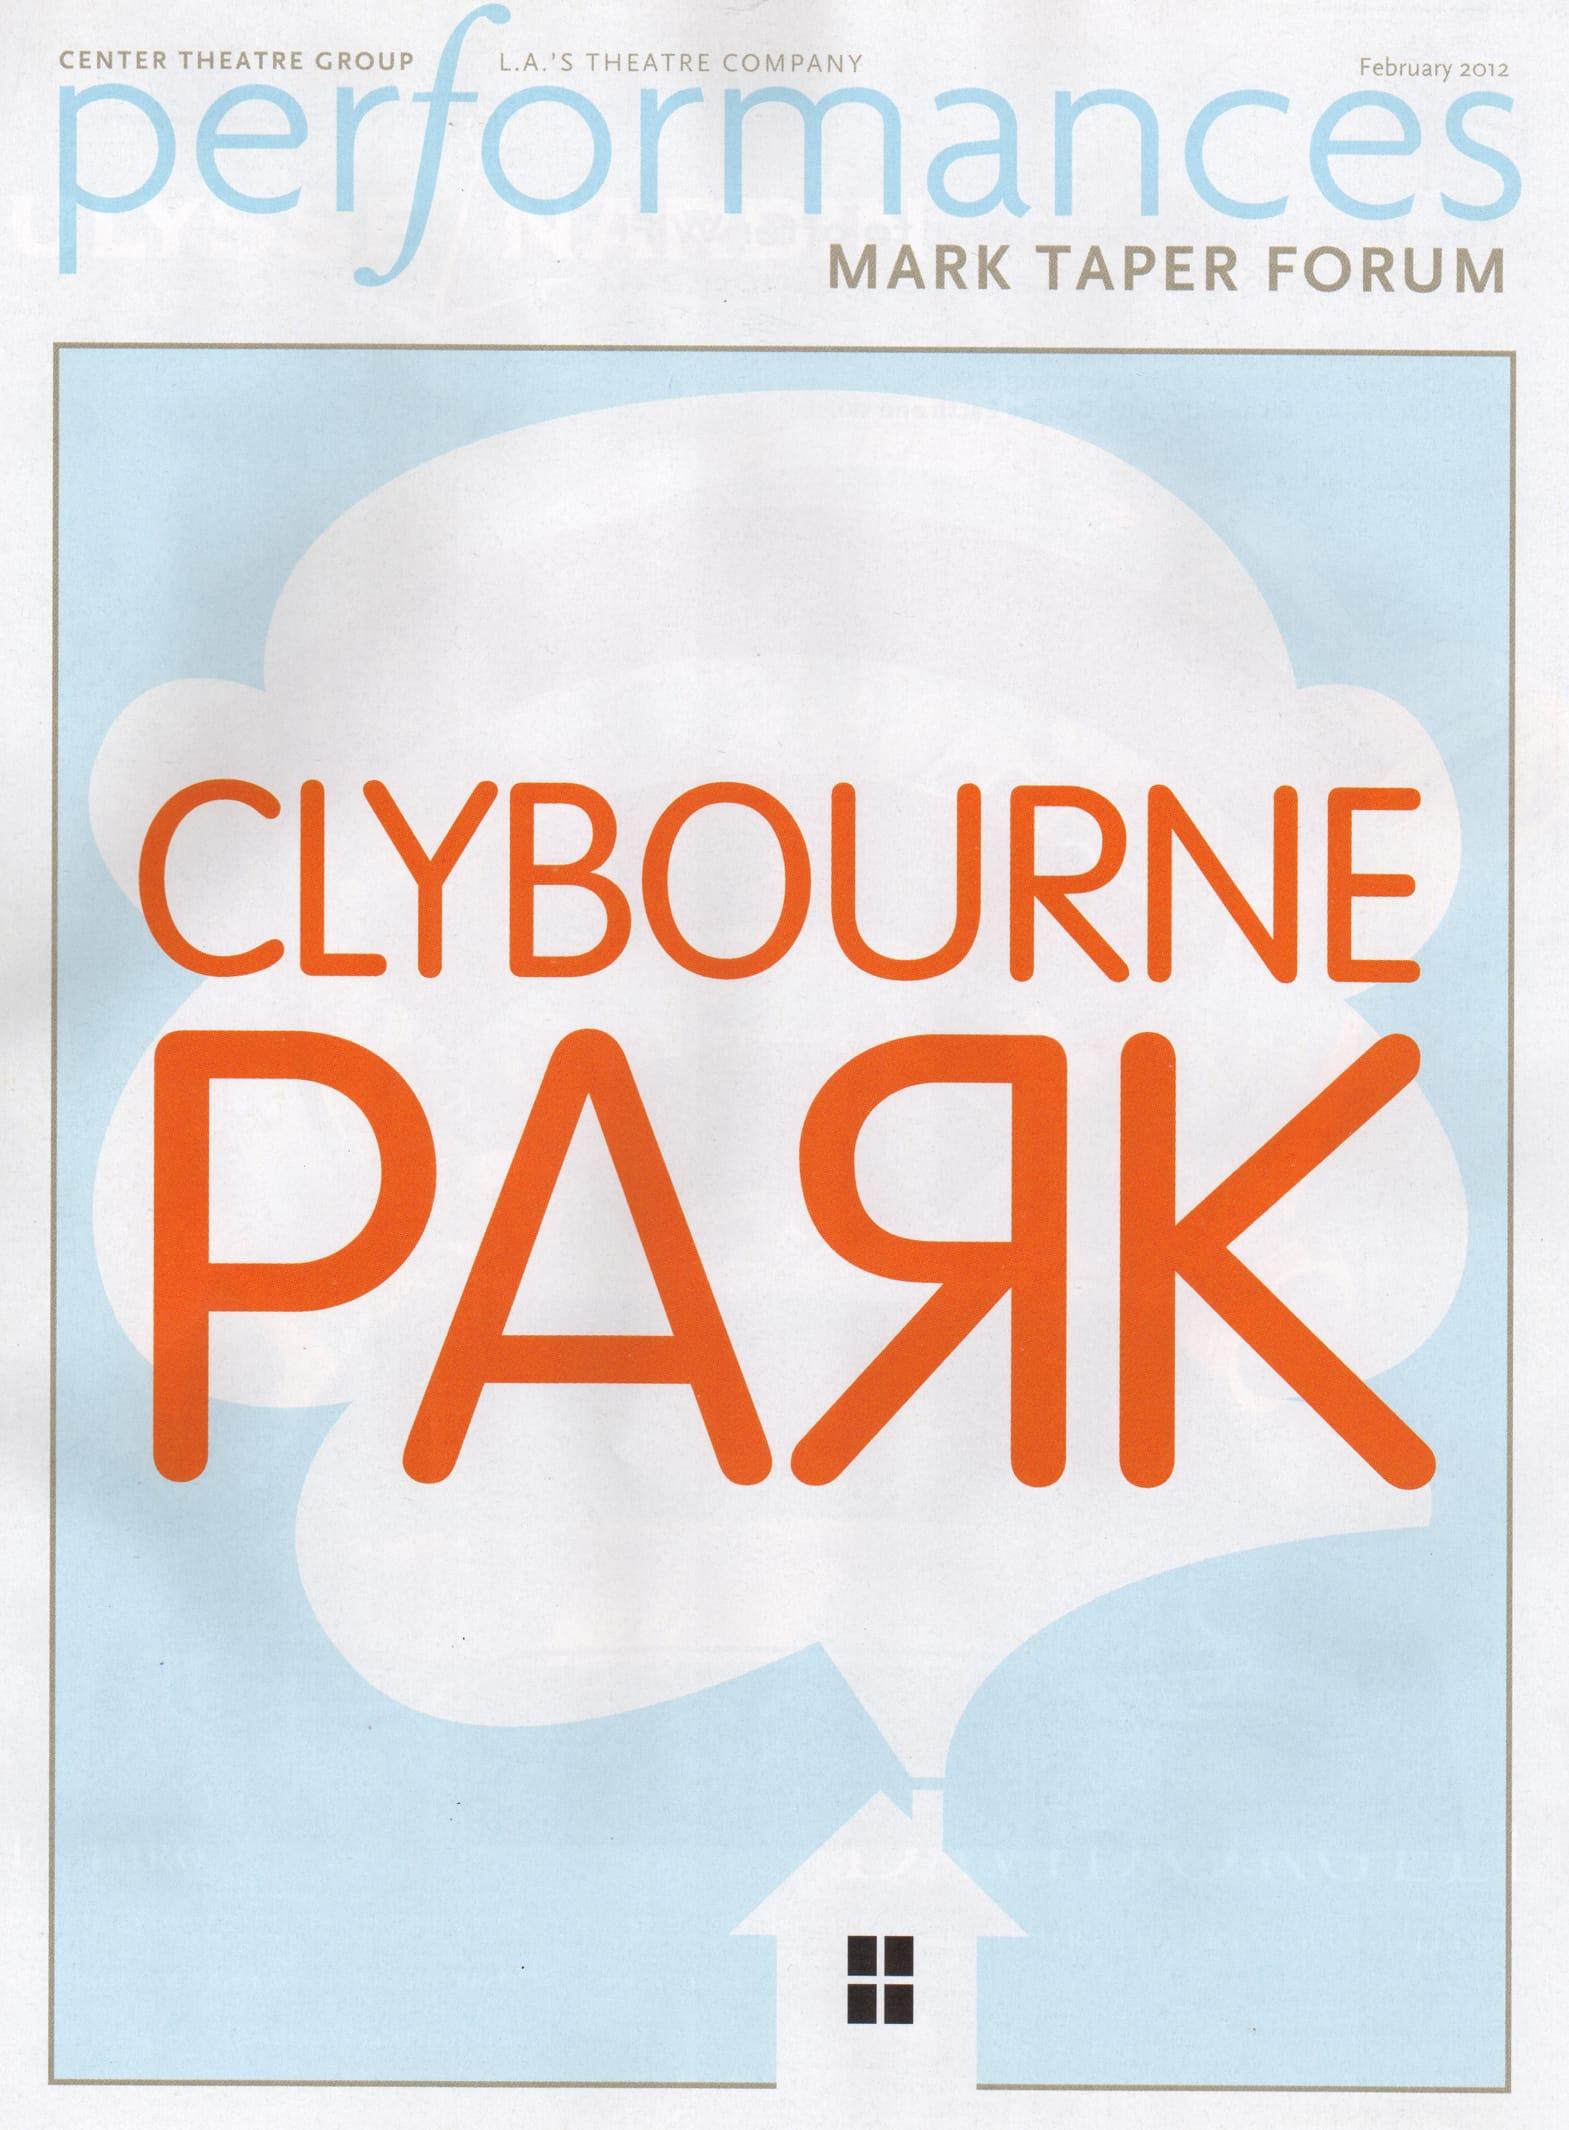 LA CTG 2012 Clybourne Park